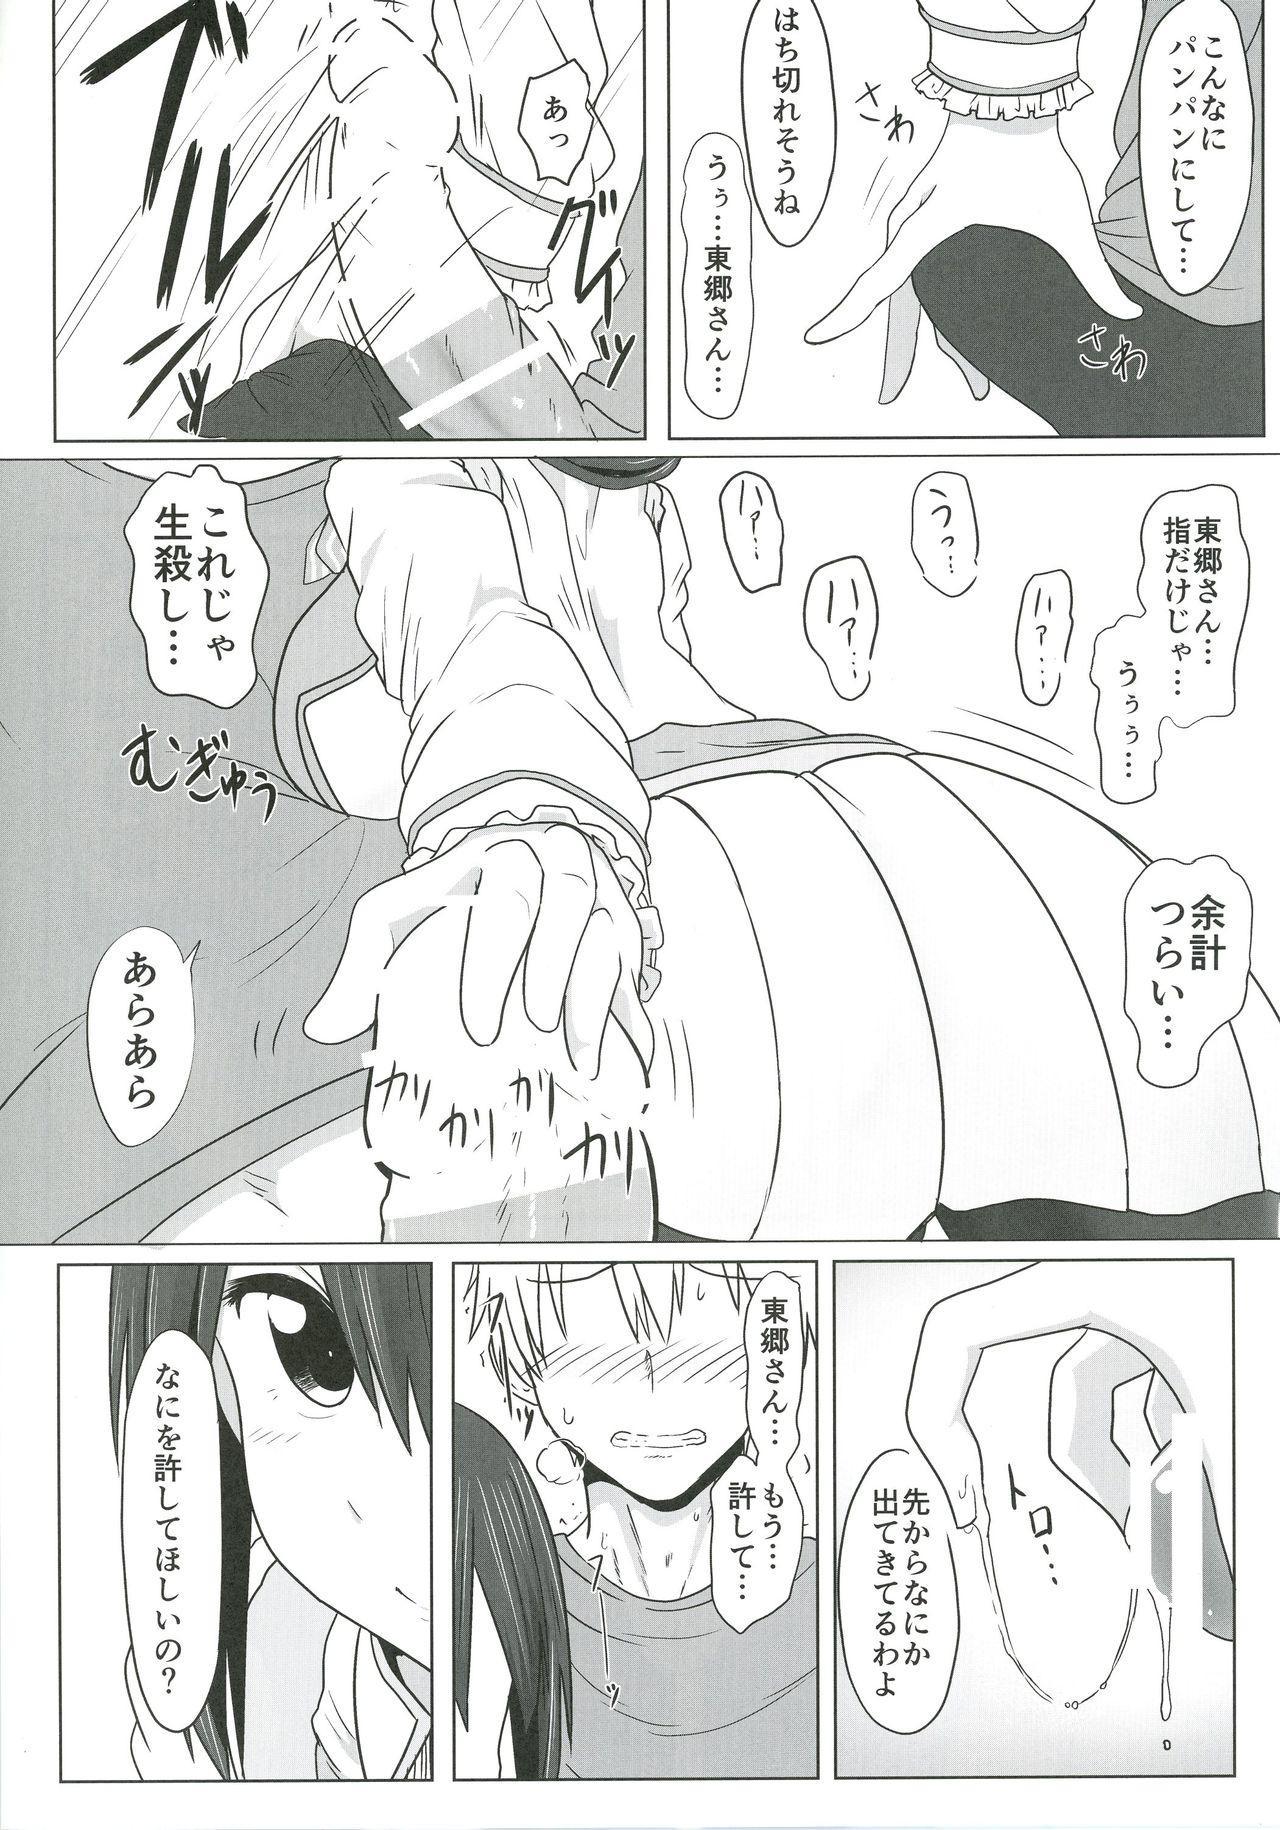 Tougou Box 4 5